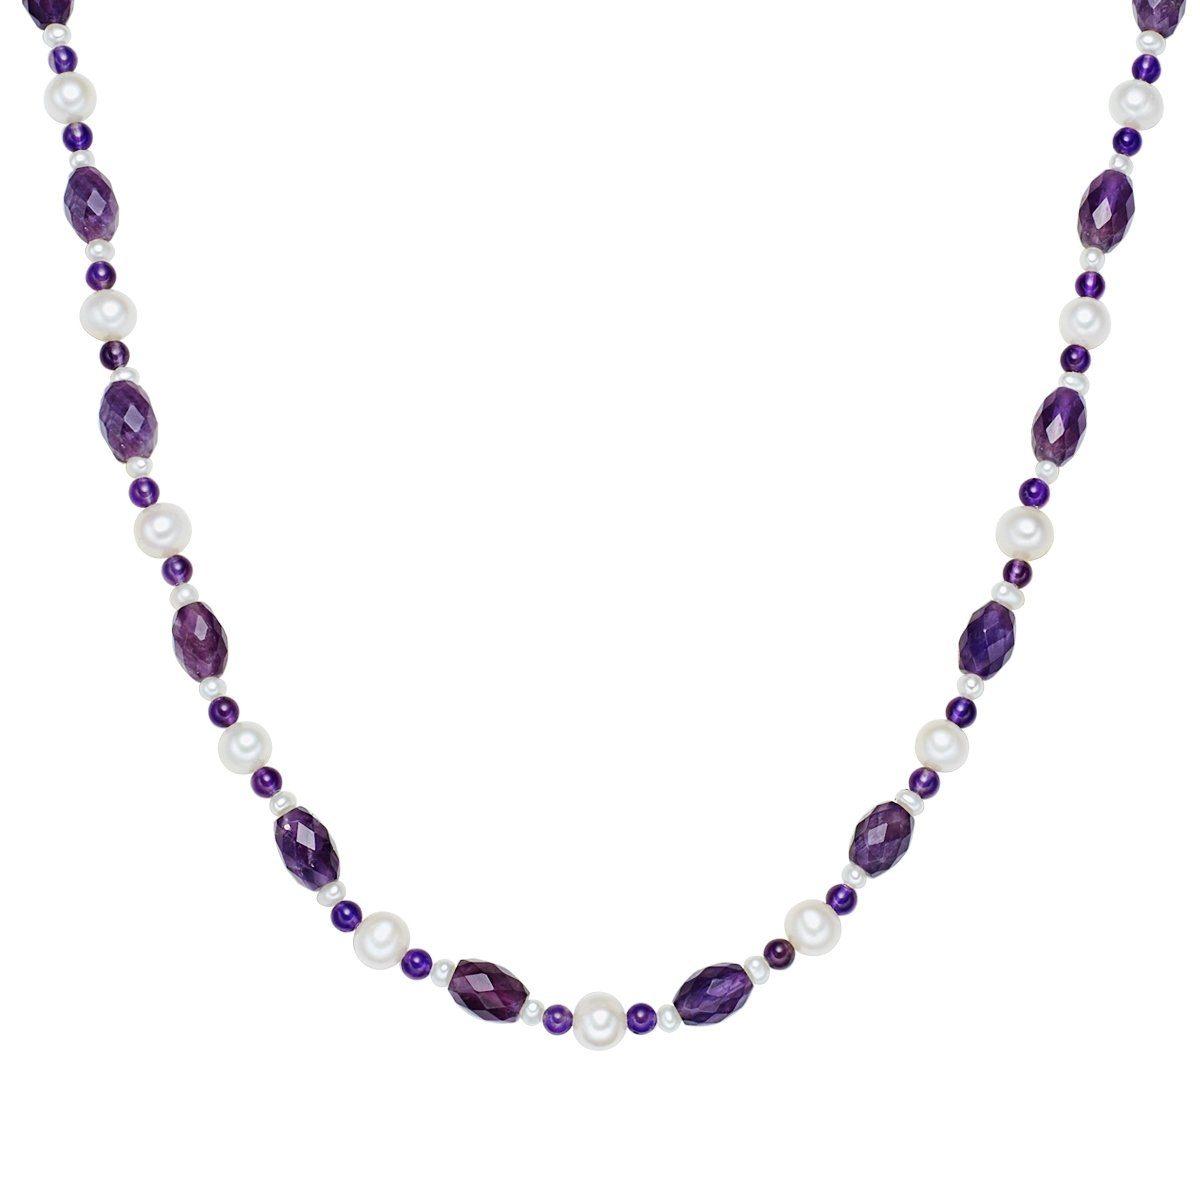 Valero Pearls Perlenkette A1017 | Schmuck > Halsketten > Perlenketten | Valero Pearls